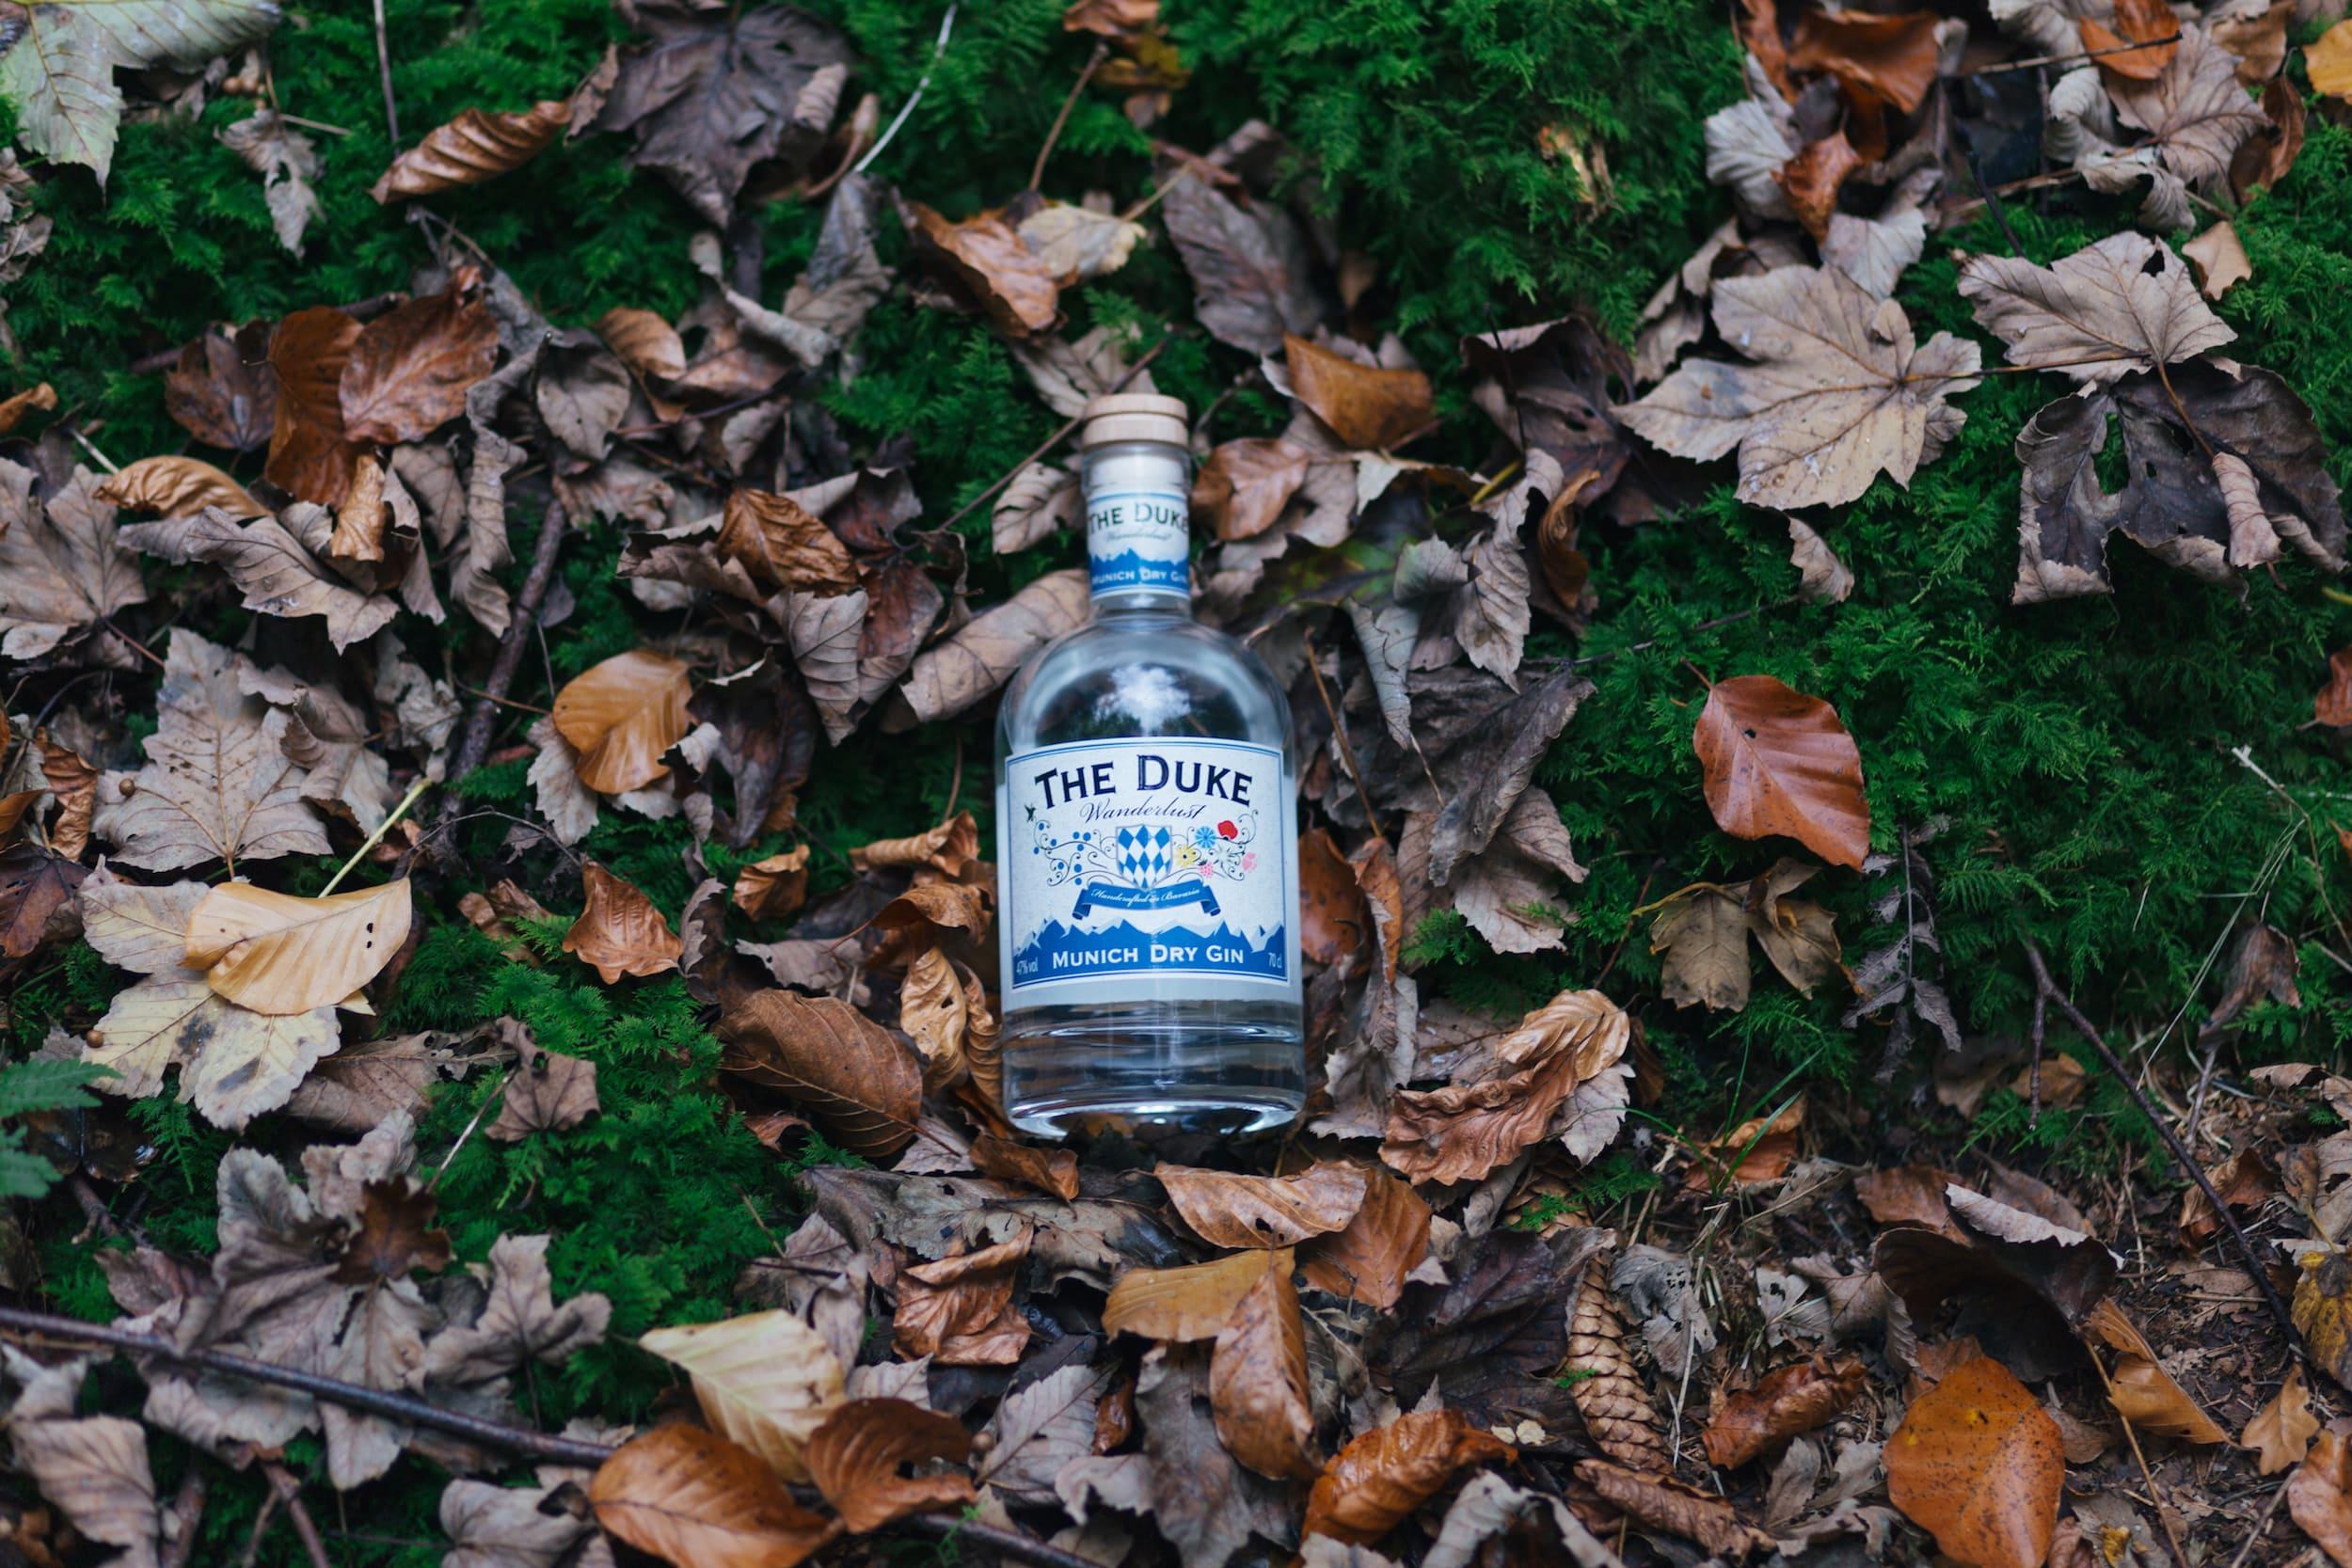 Eine Flasche THE DUKE Wanderlust Gin liegt im Wald auf Laub